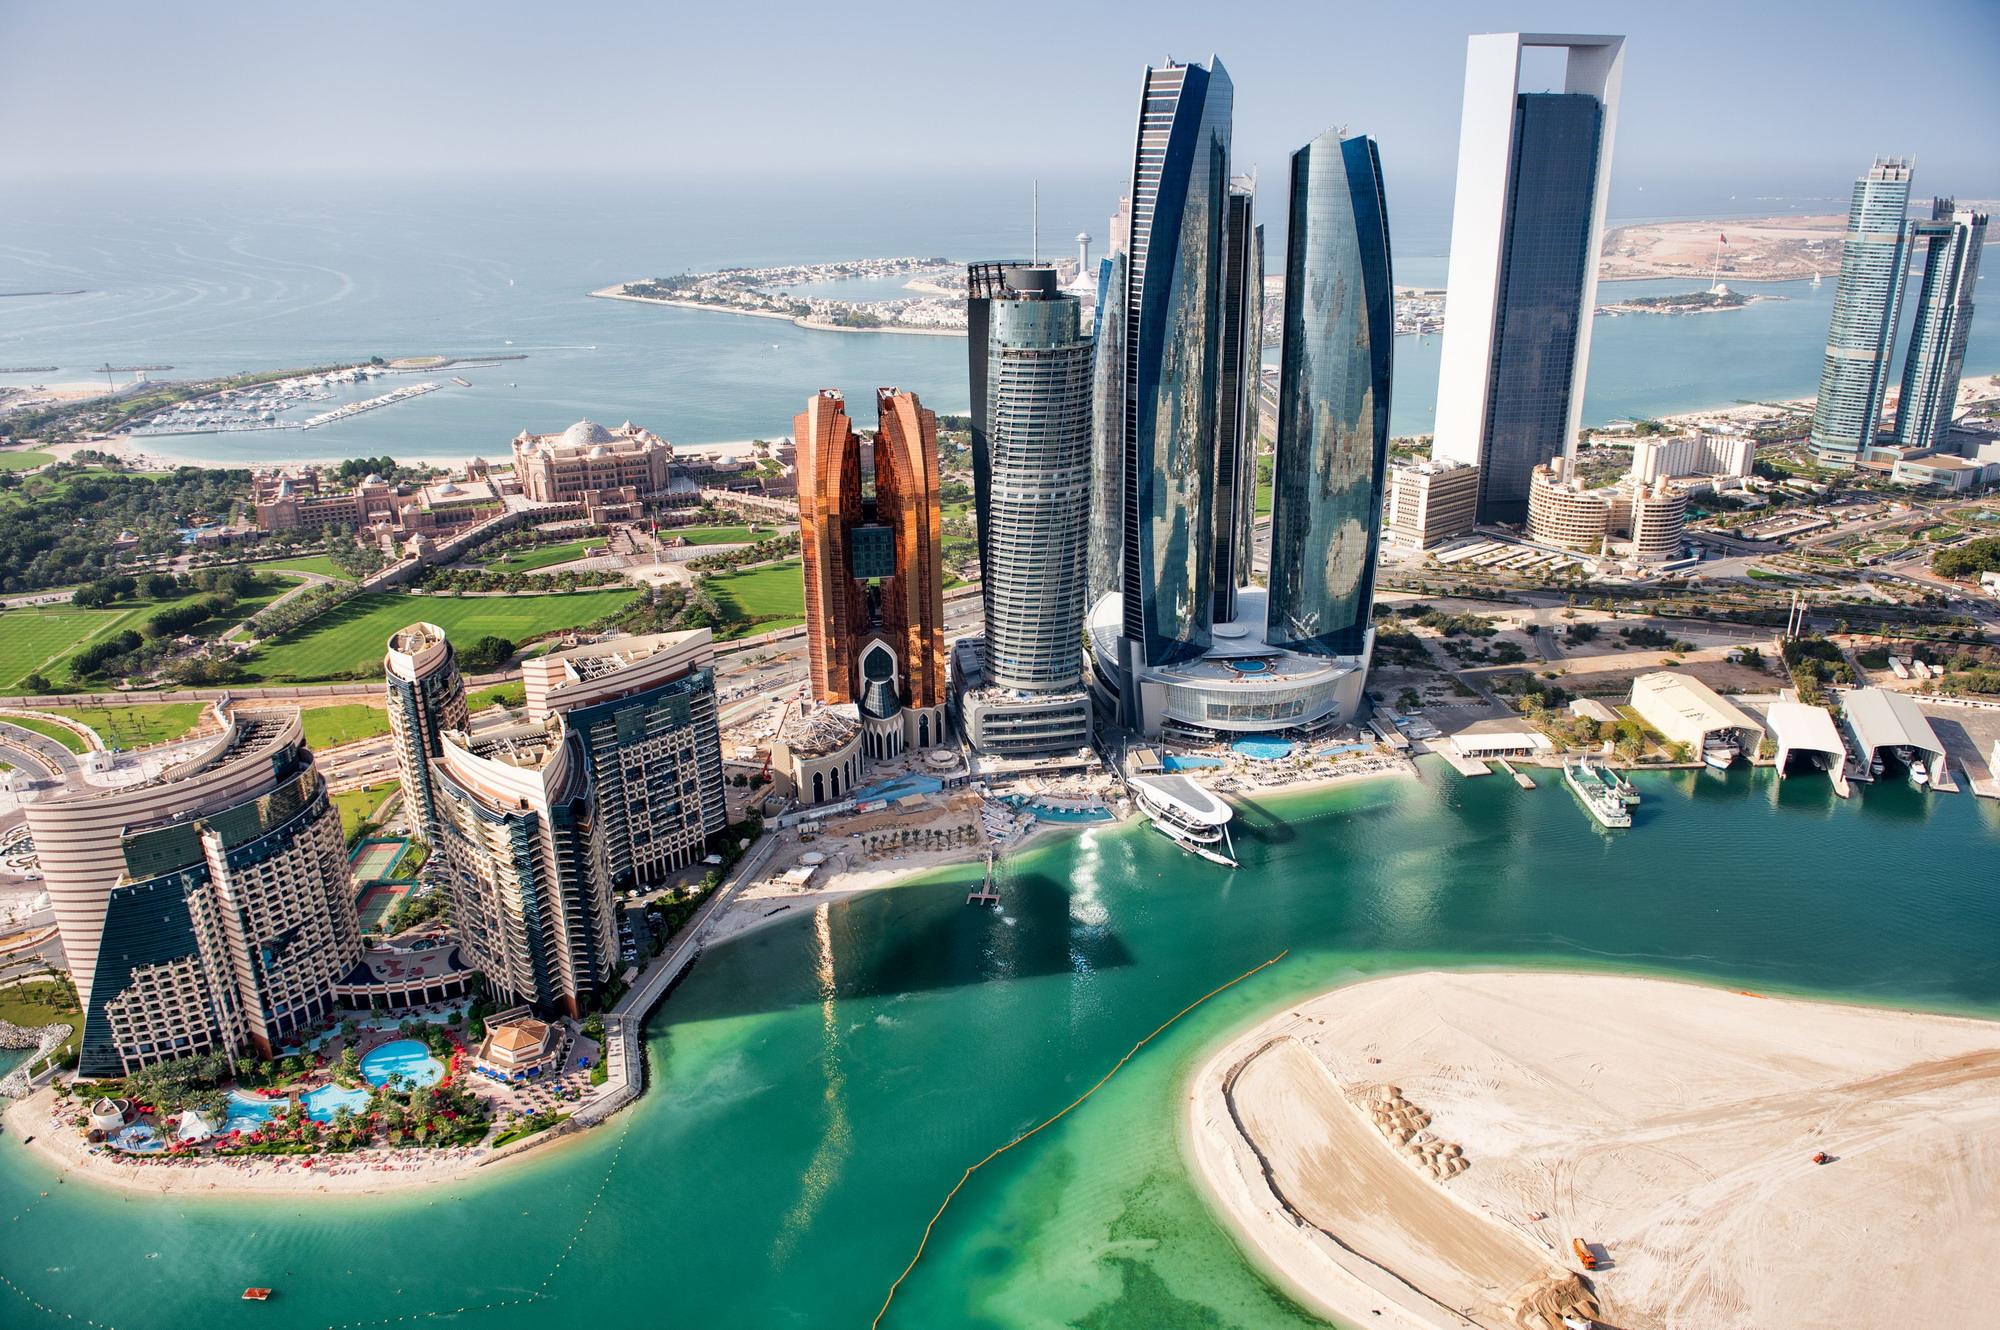 ТОП-20 лучших экскурсий ОАЭ в Абу-Даби